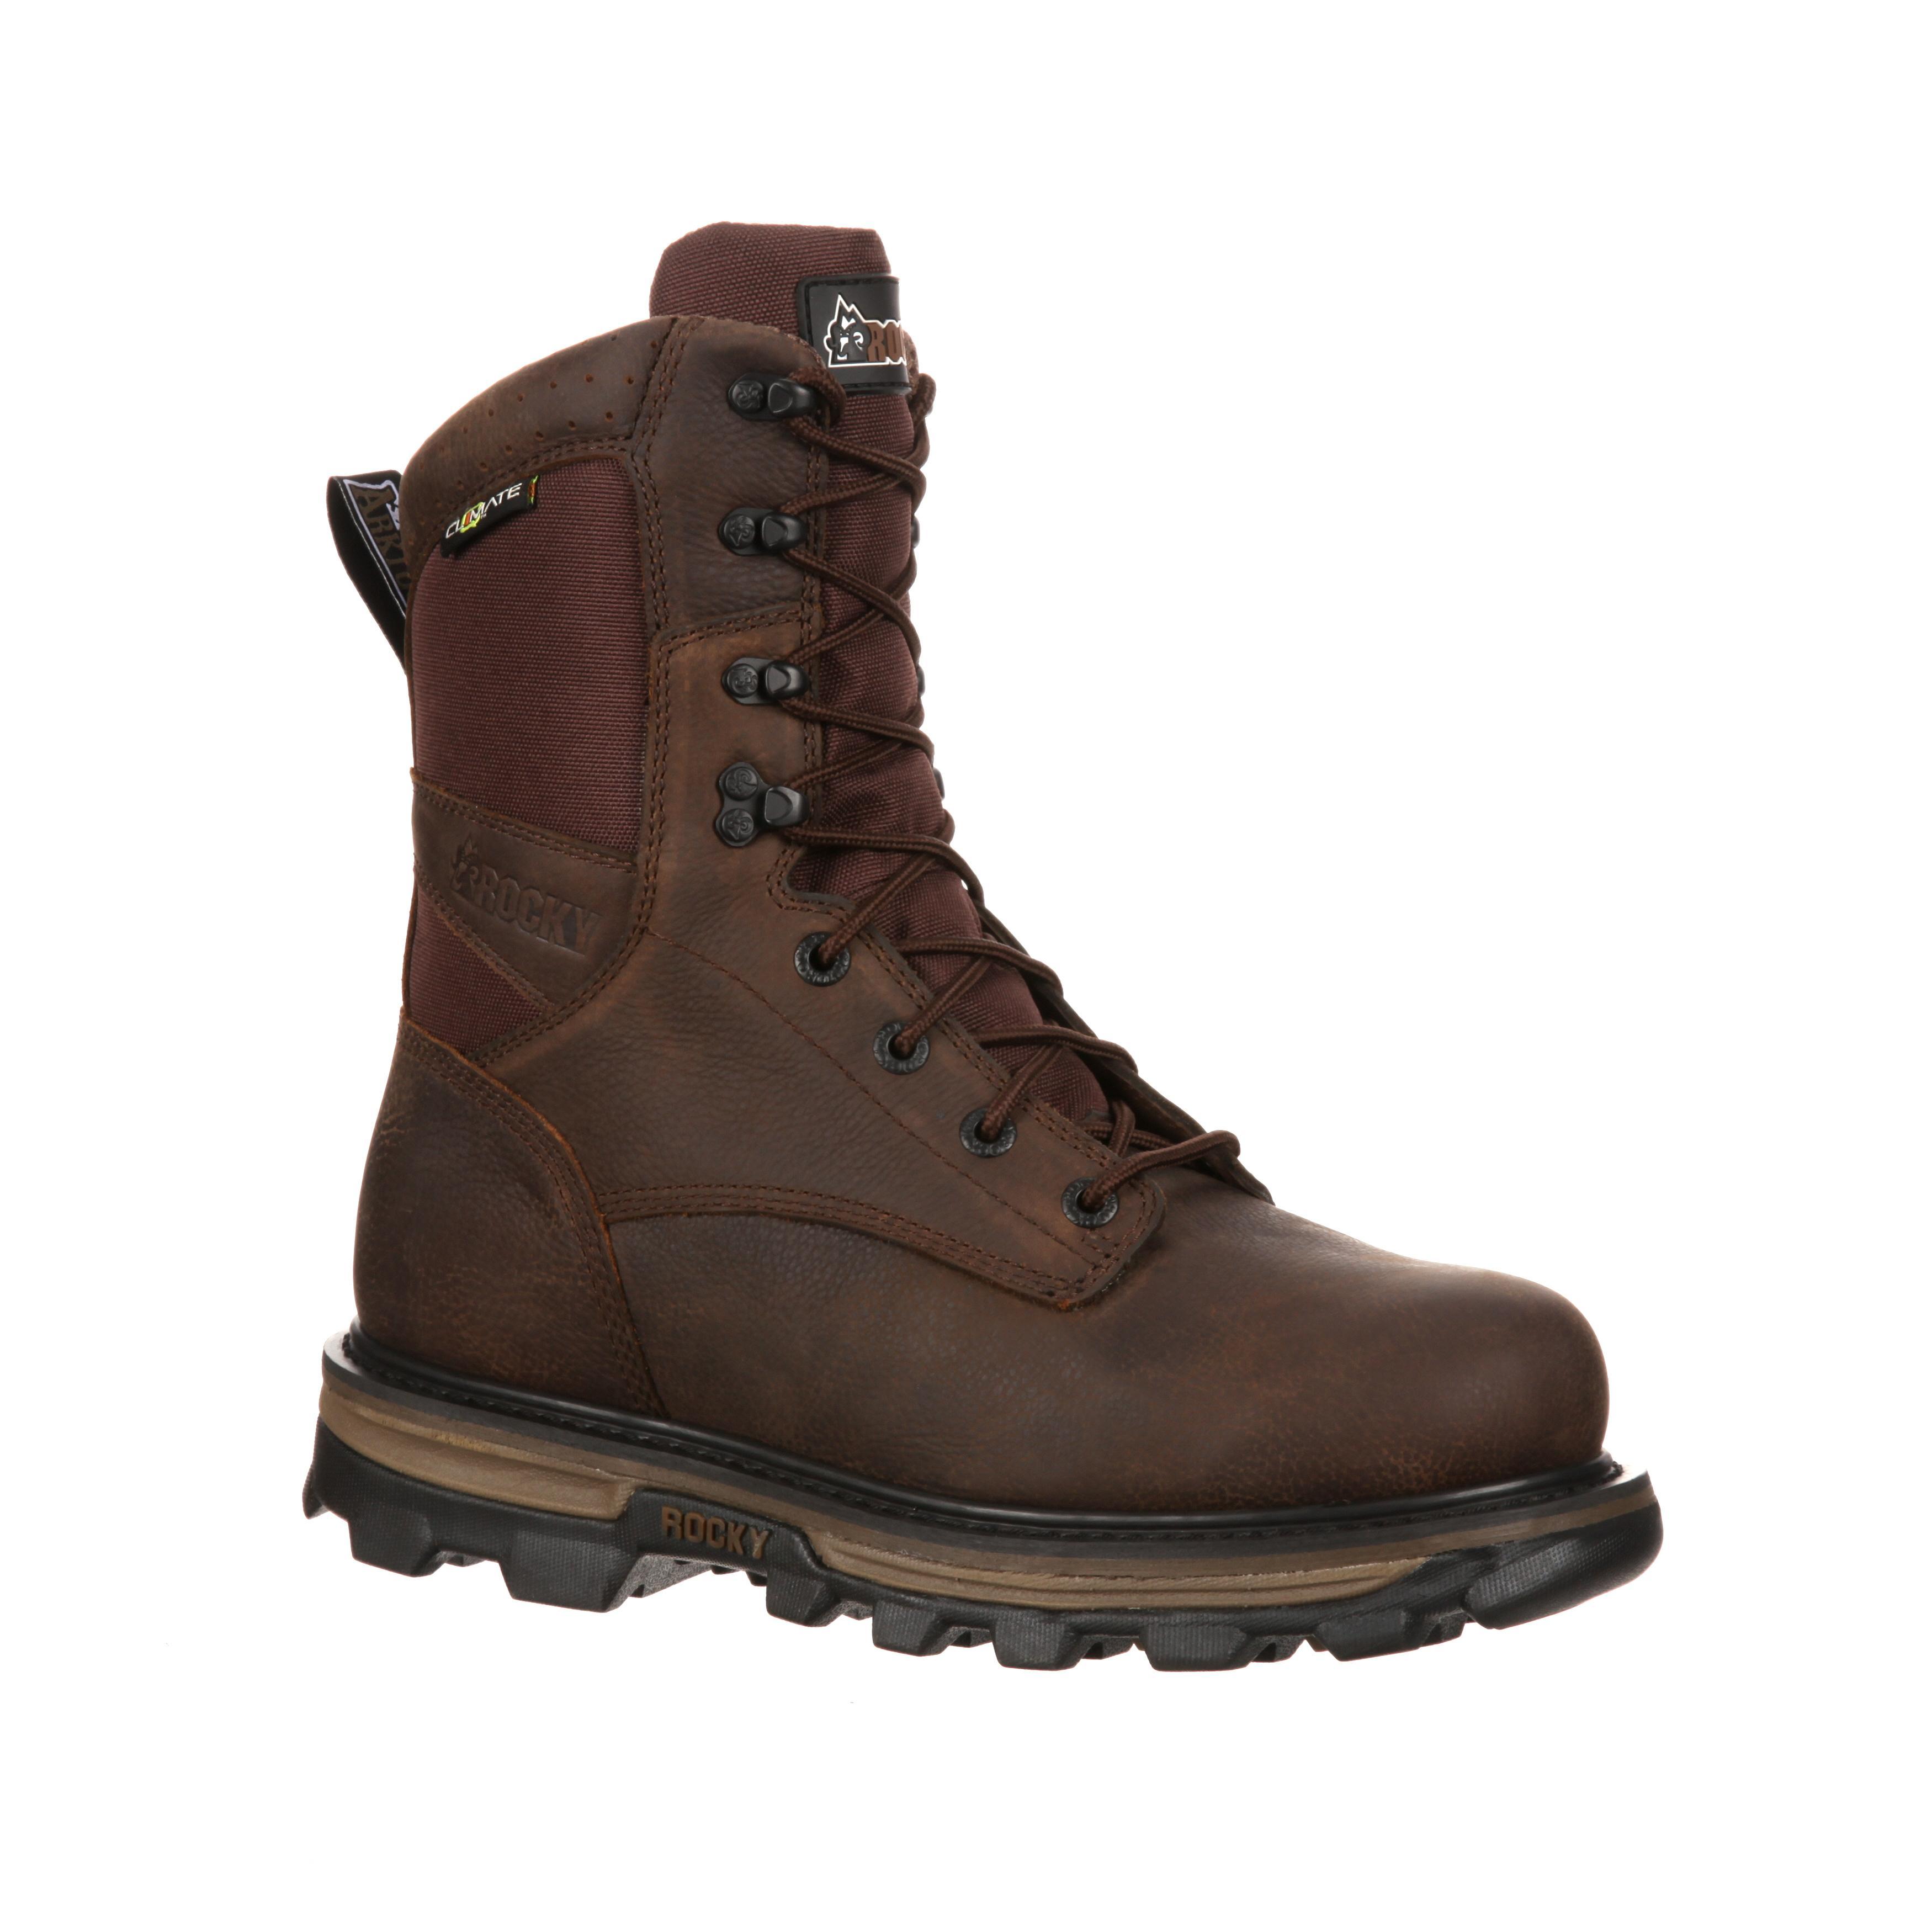 rocky arktos waterproof insulated outdoor boot rkys047